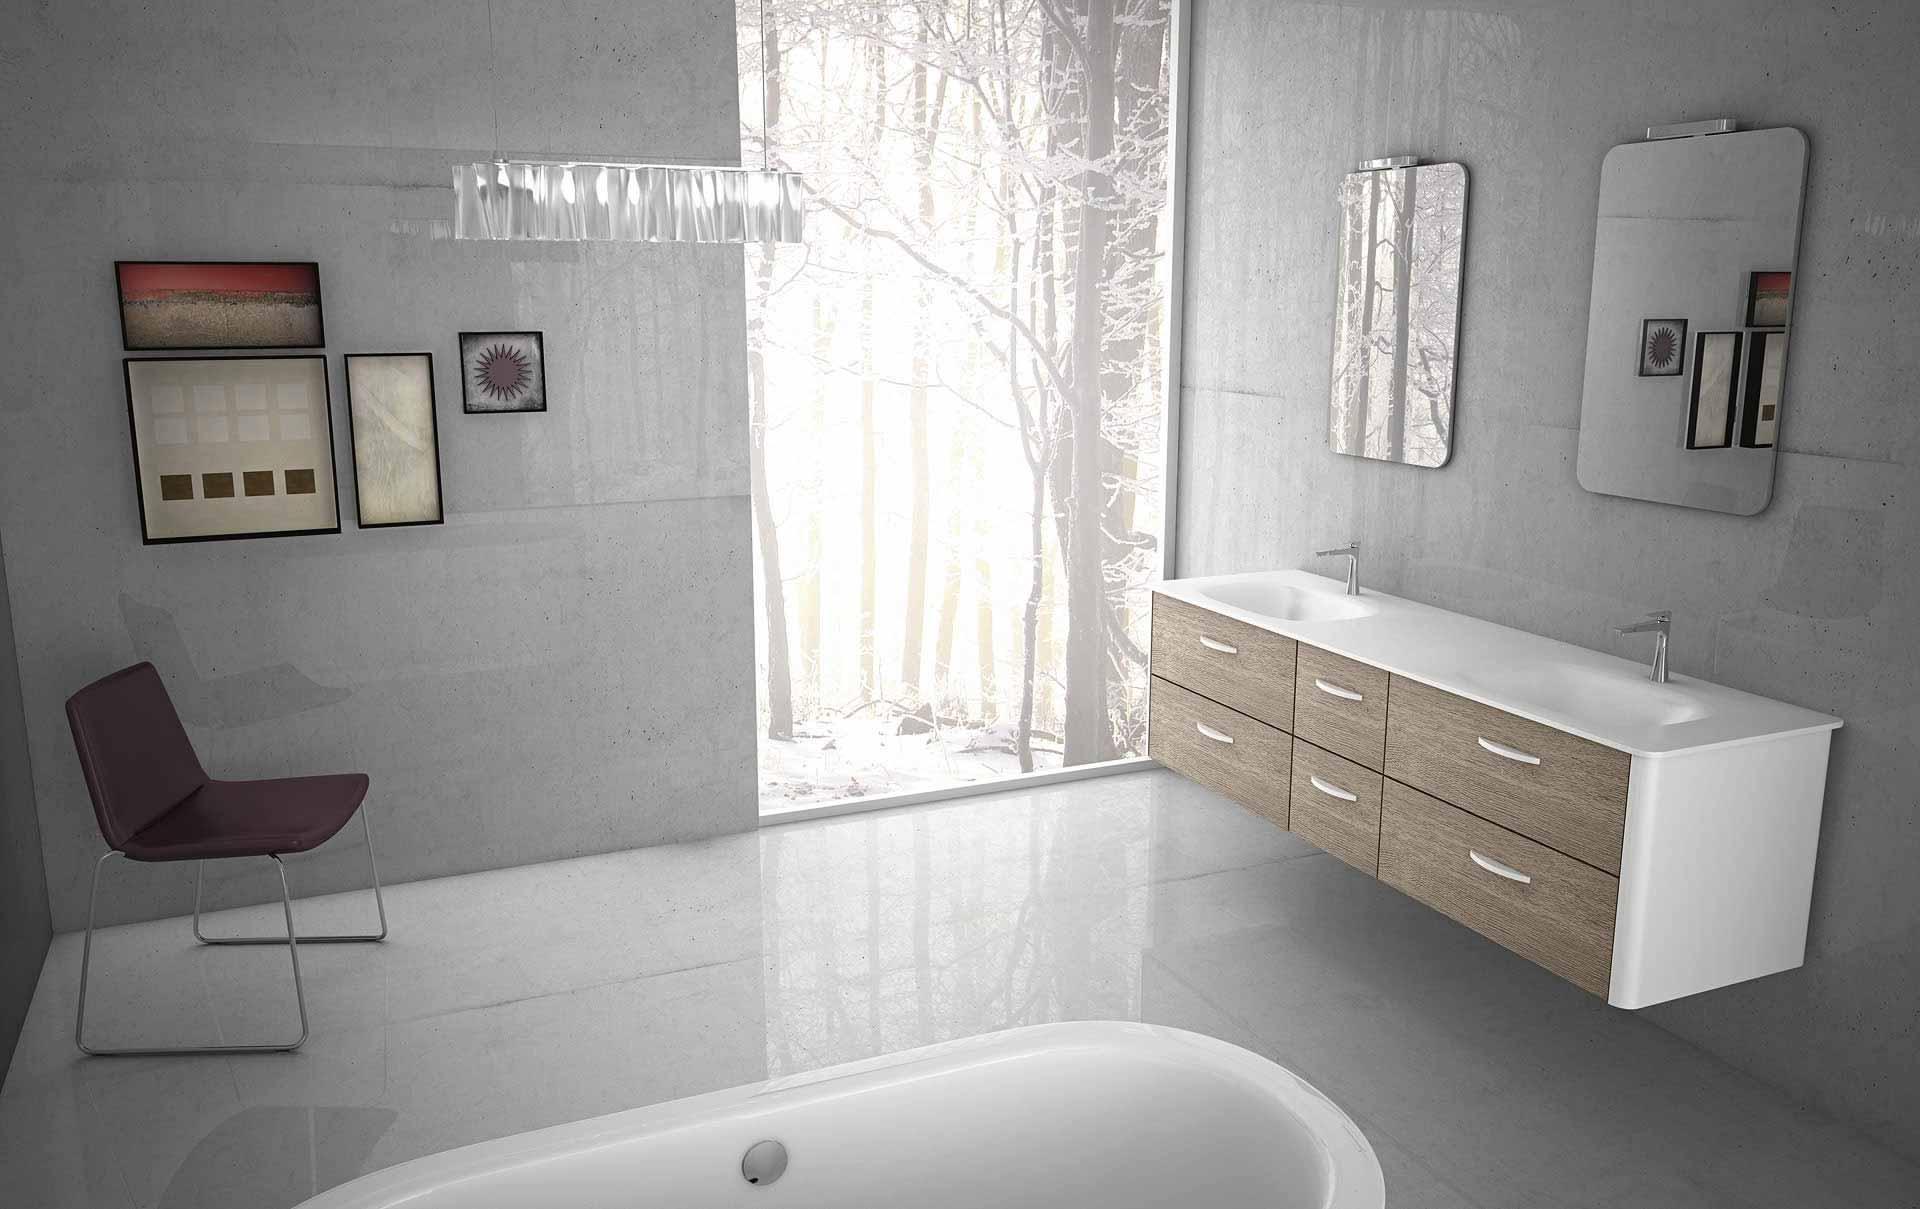 douches salle de bains. Black Bedroom Furniture Sets. Home Design Ideas